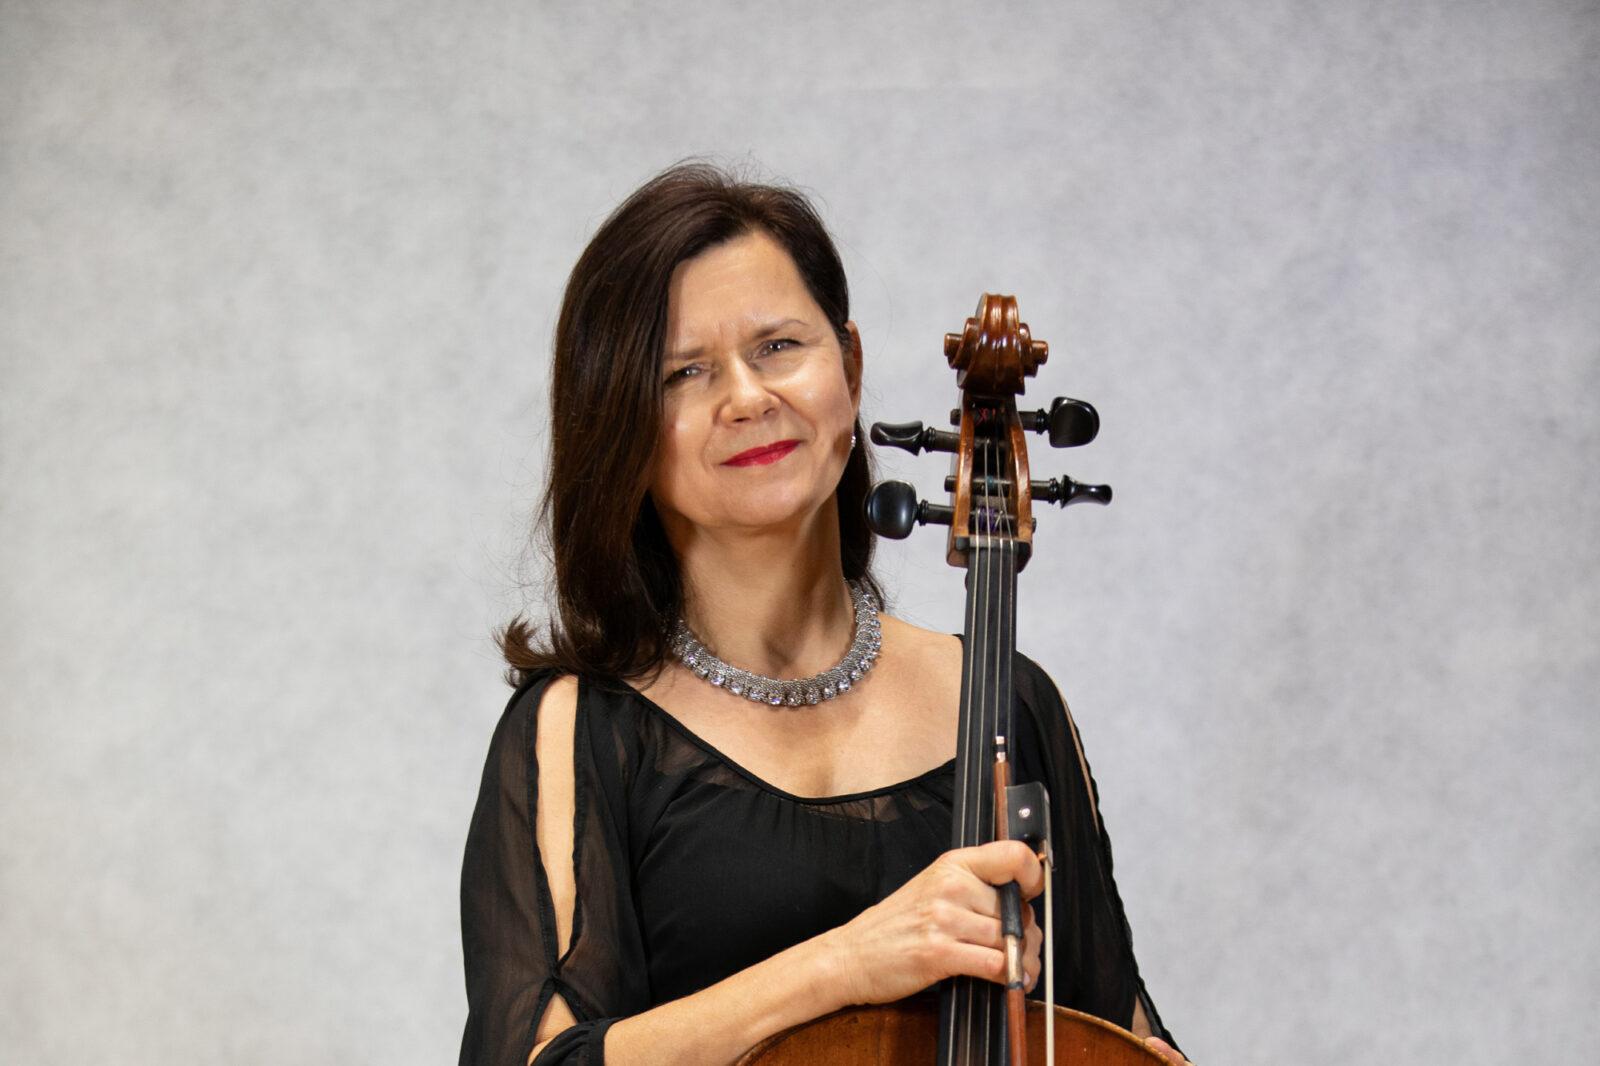 Magdalena Mazur